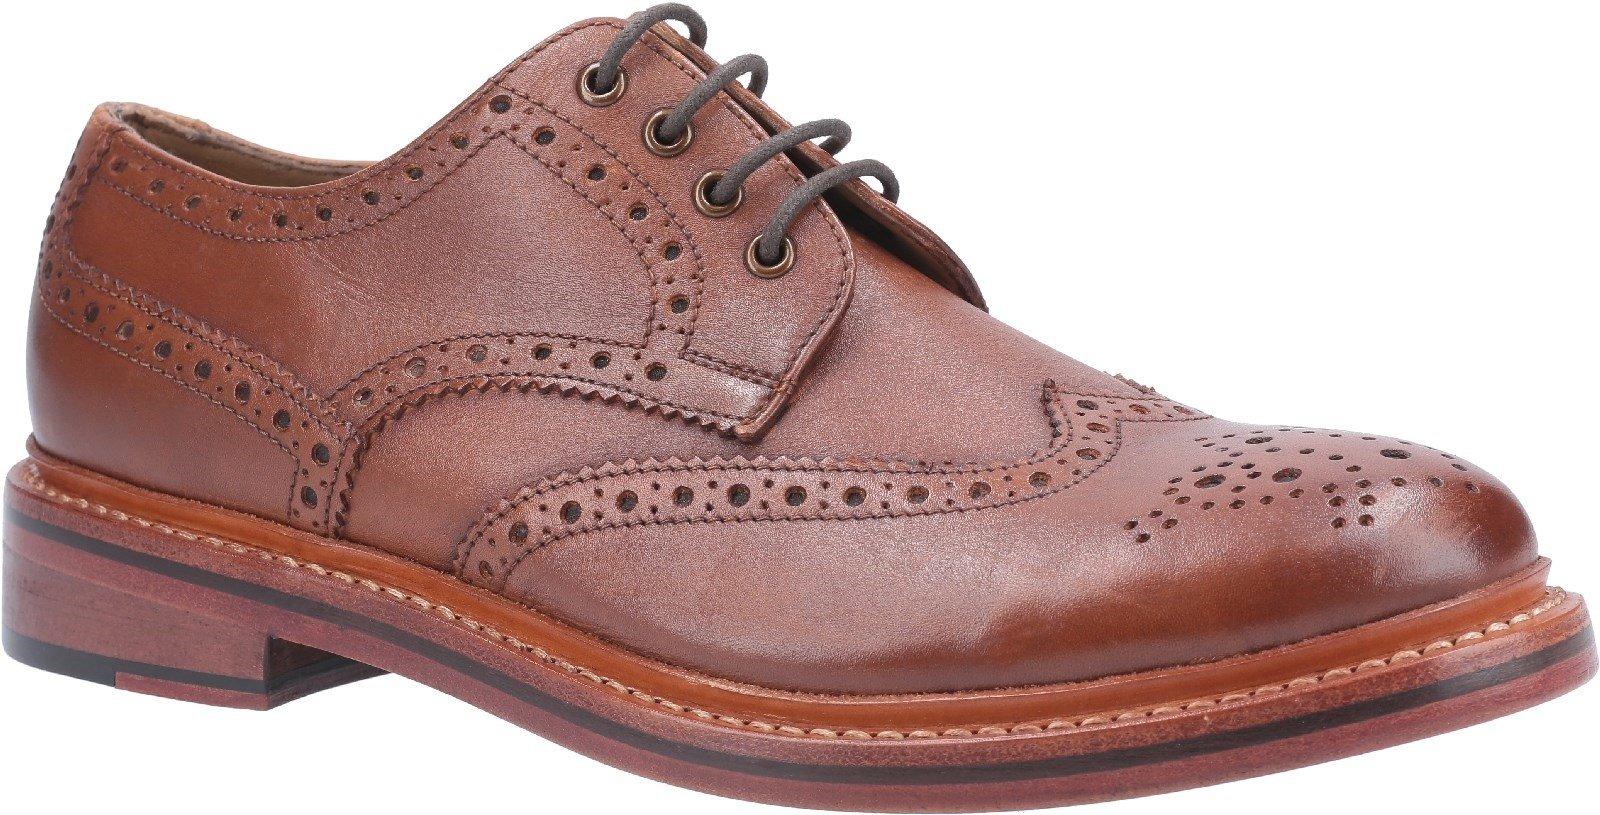 Cotswold Men's Quenington Leather Welt Brogue SHoe Various Colours 29256 - Brown 7